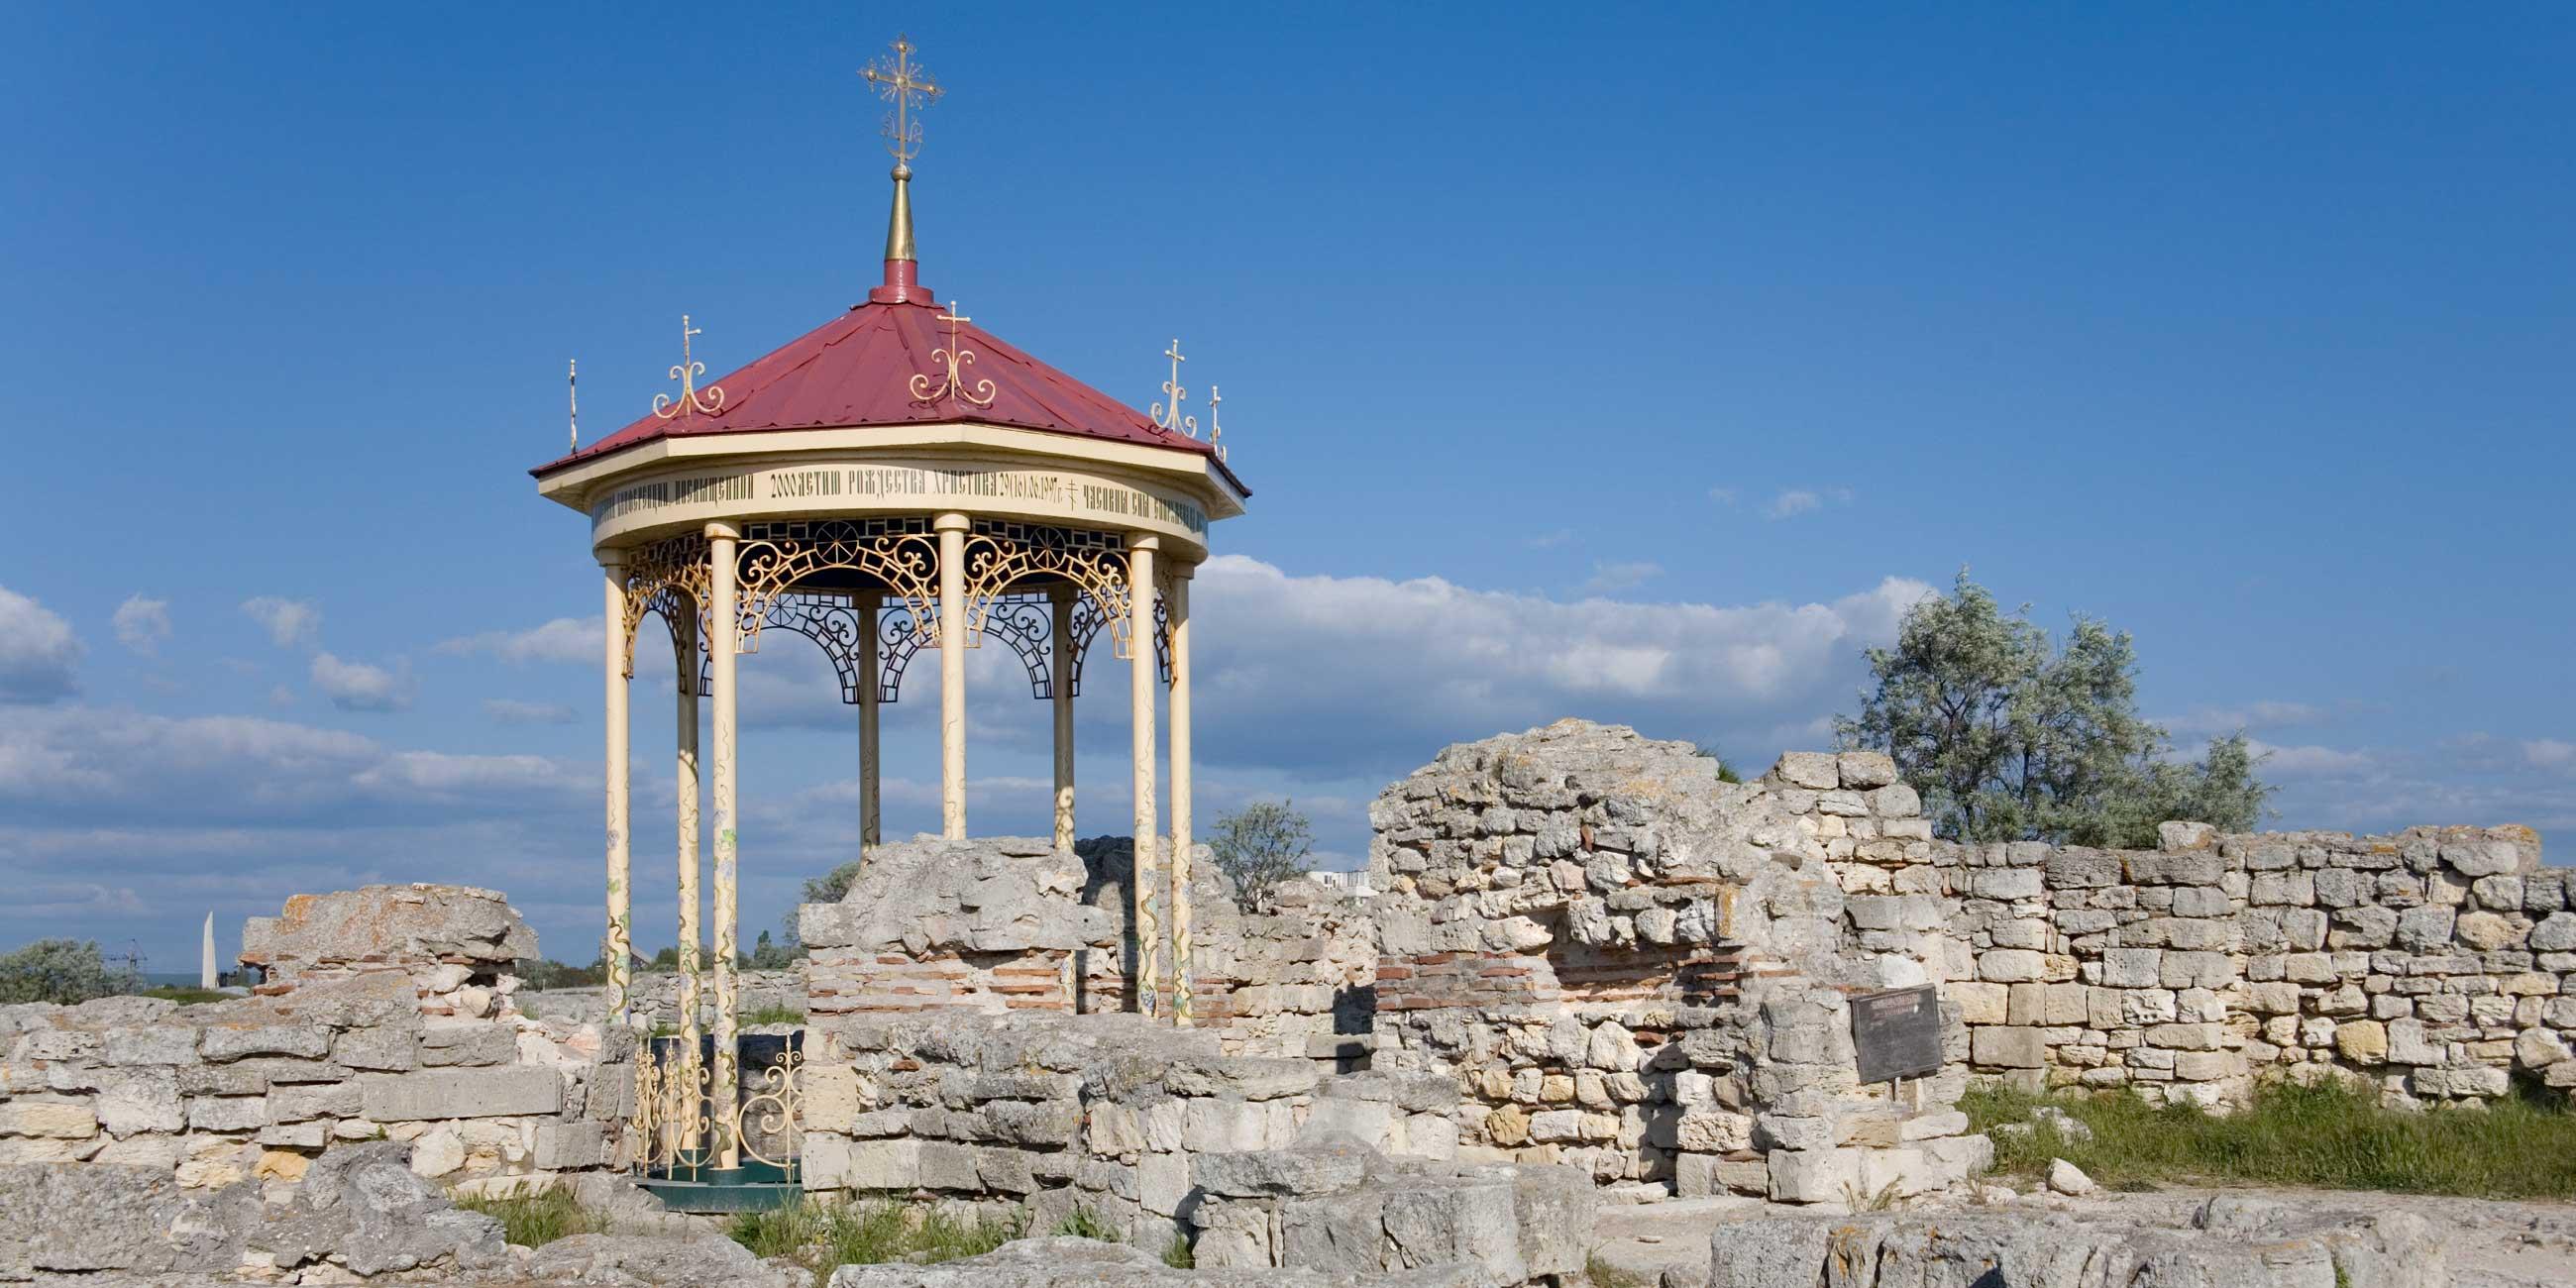 На территории Херсонеса Таврического до сих пор ведутся археологические раскопкиФото: globallookpress.com